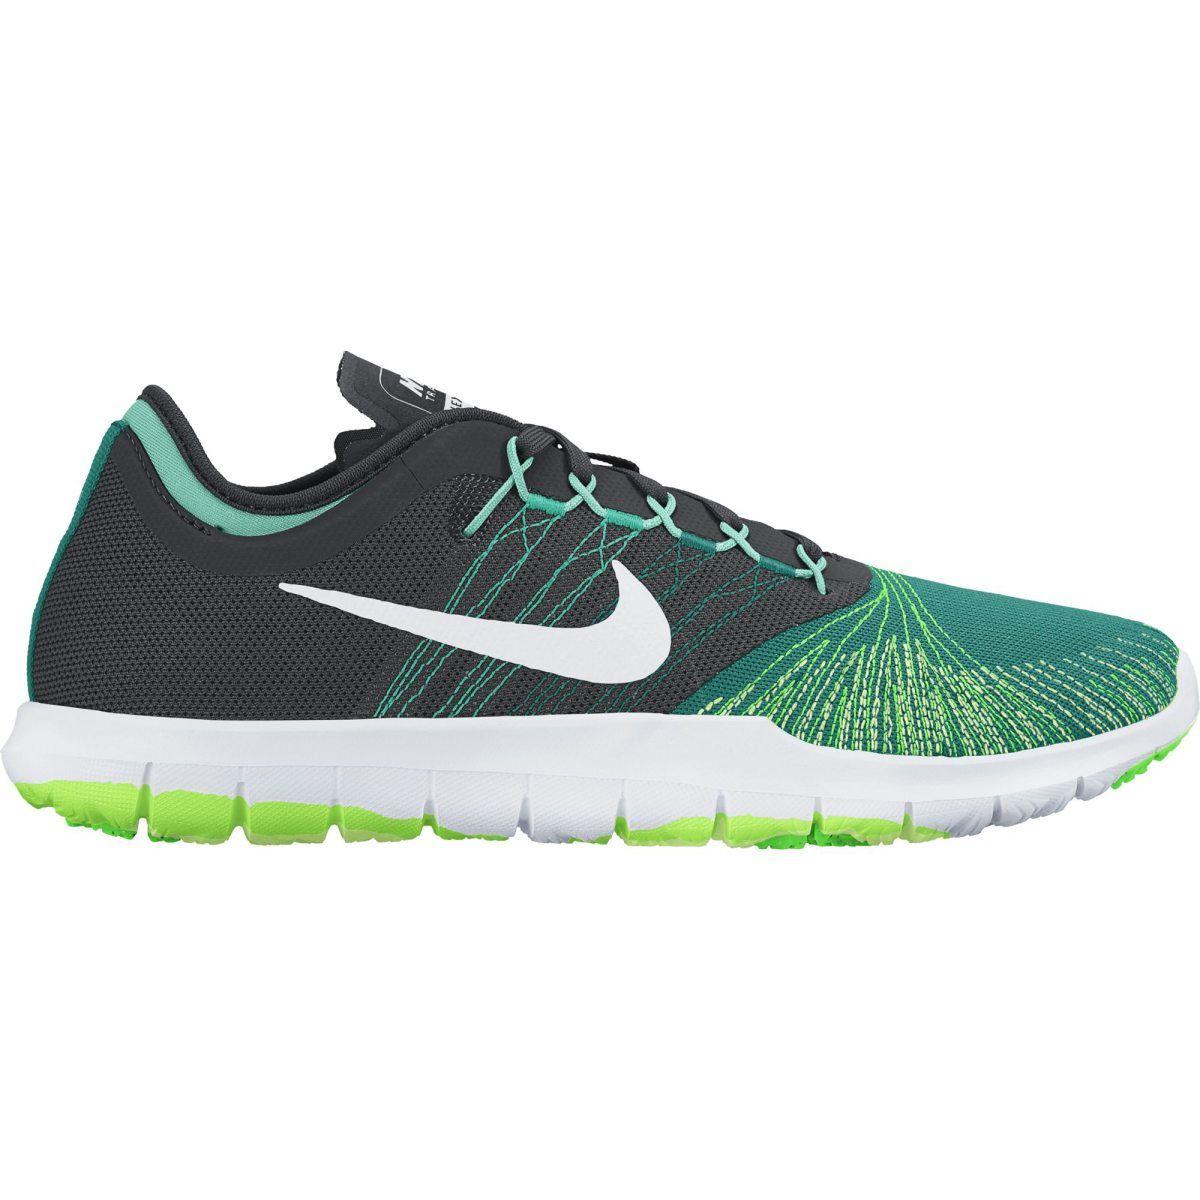 Lue lisää tuotteesta Nike Flex Adapt Tr d60c886701